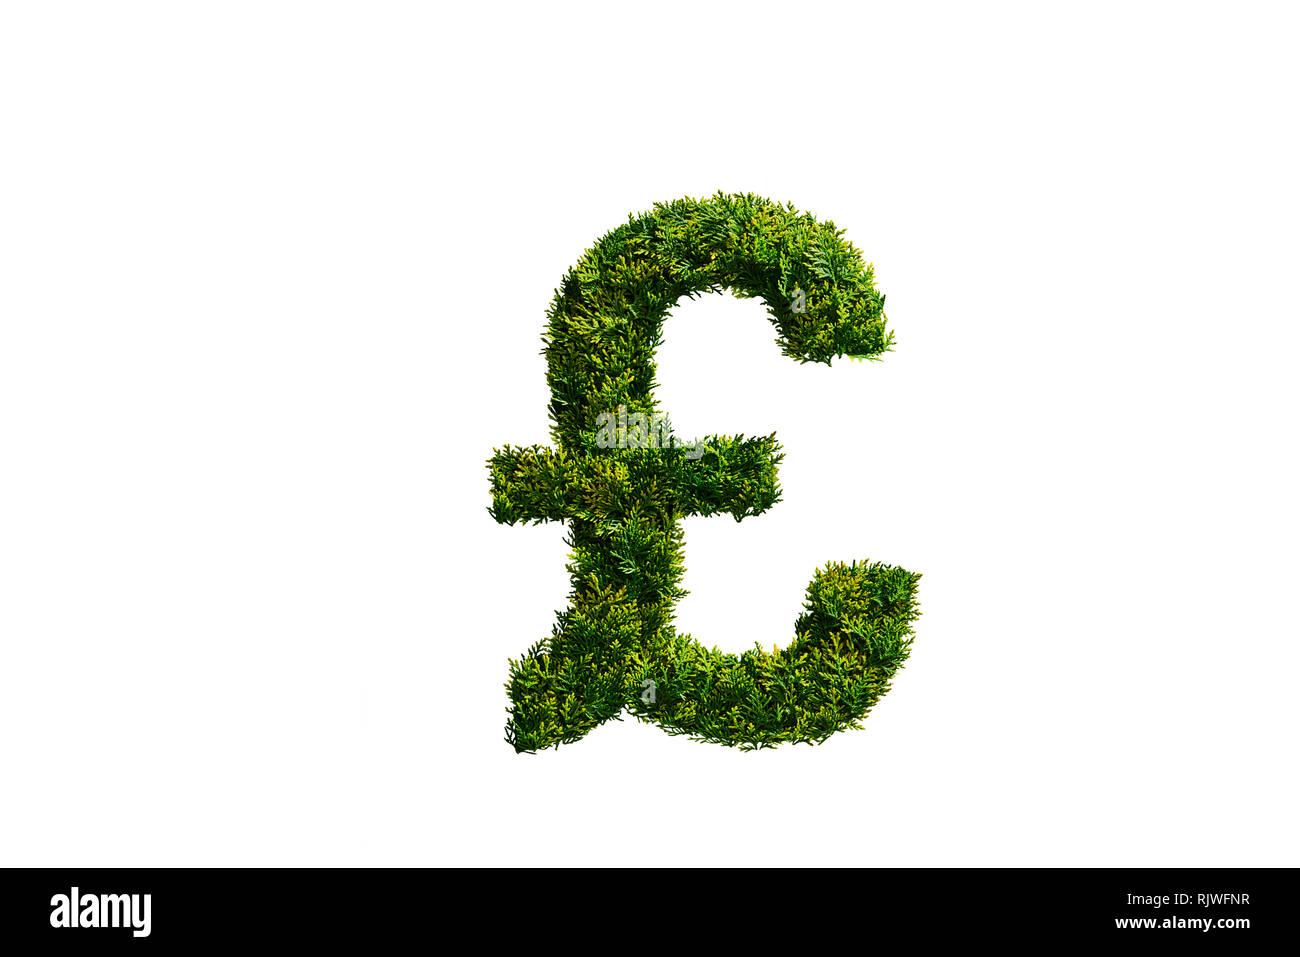 Topiary Tree in der Form des Britischen Pfunds Symbol Stockbild